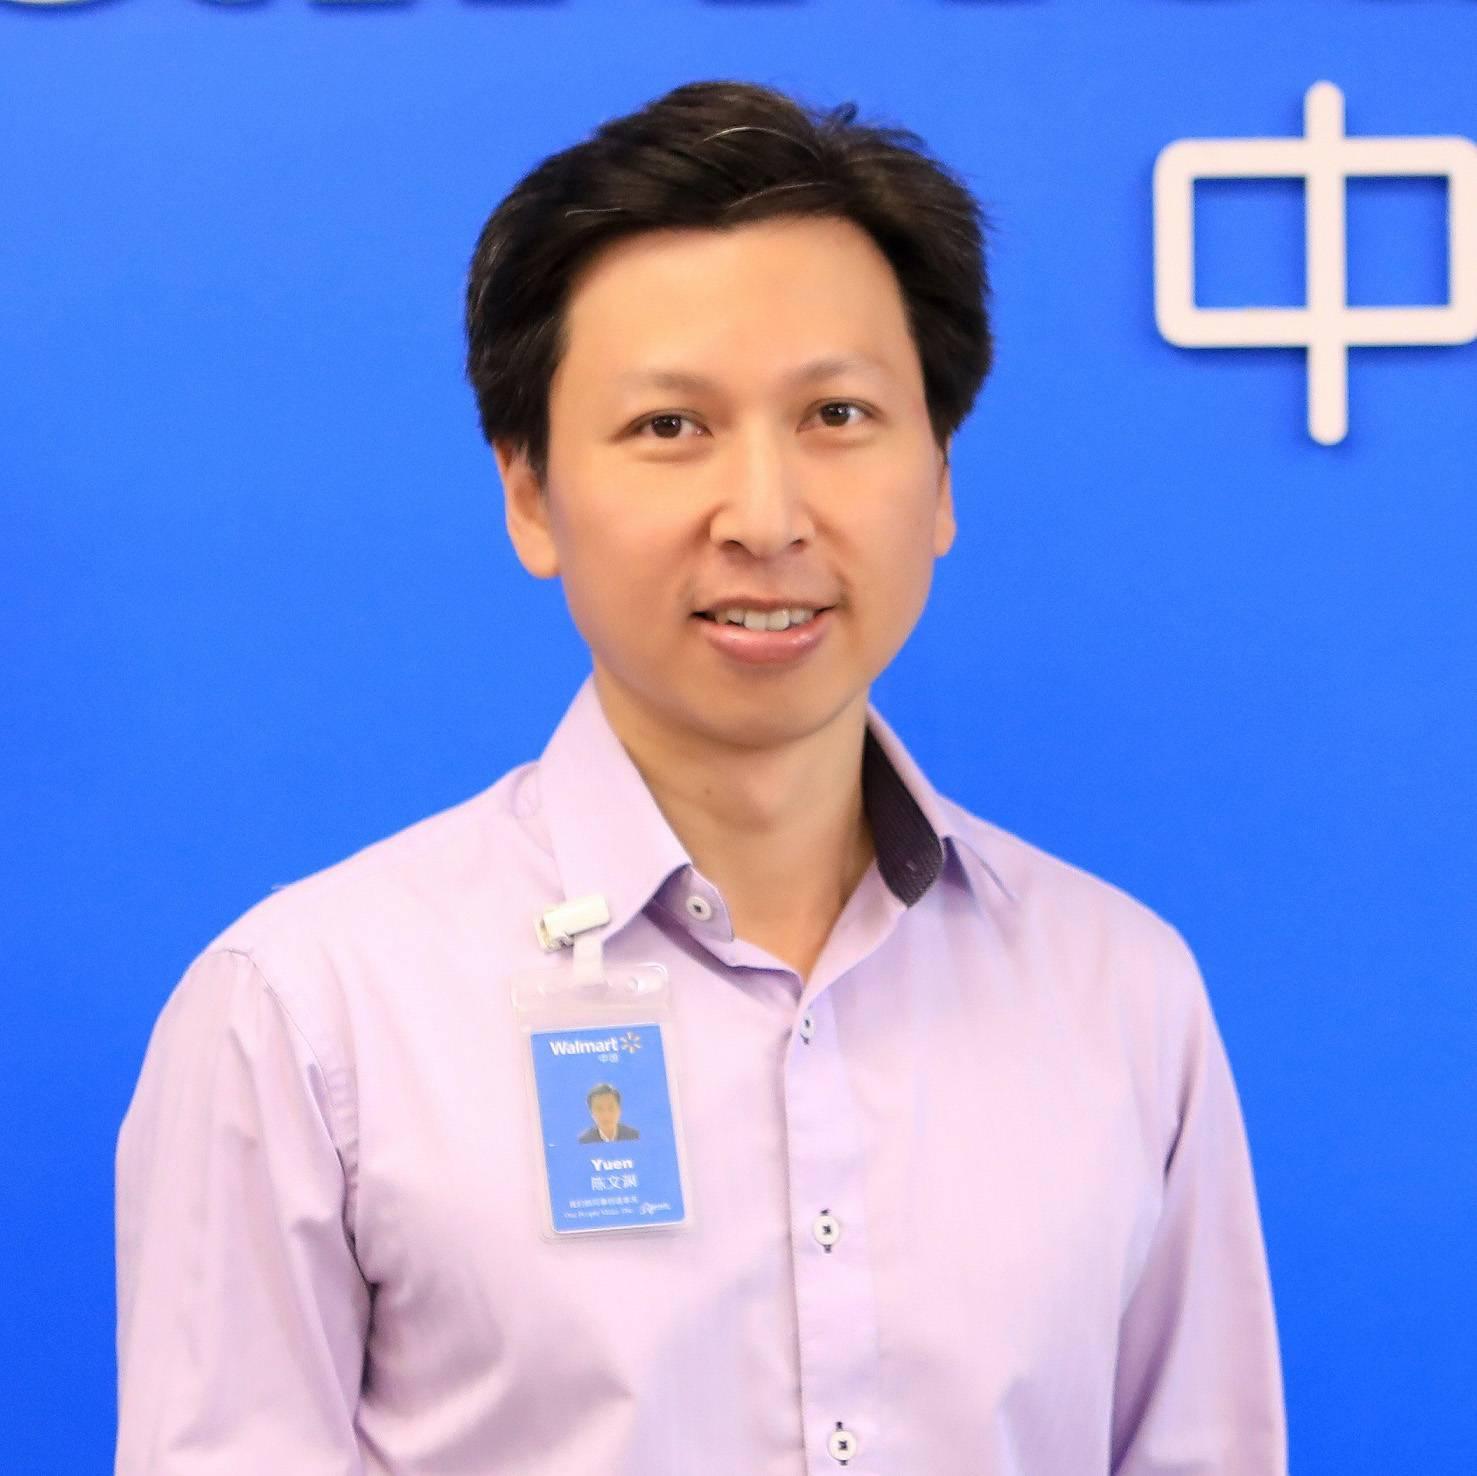 沃爾瑪中國 總裁兼首席執行官 陳文淵